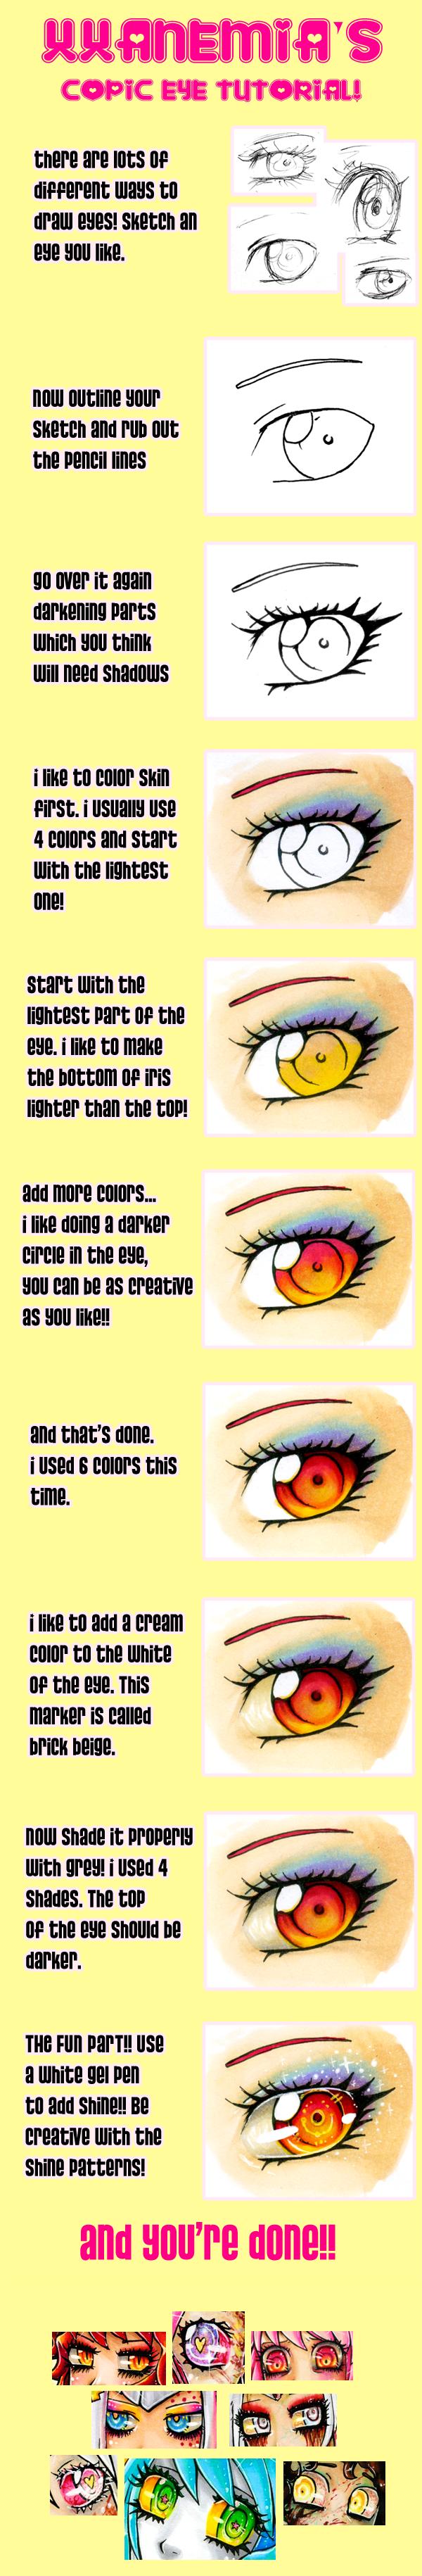 Copic Eye Tutorial by XXAnemia